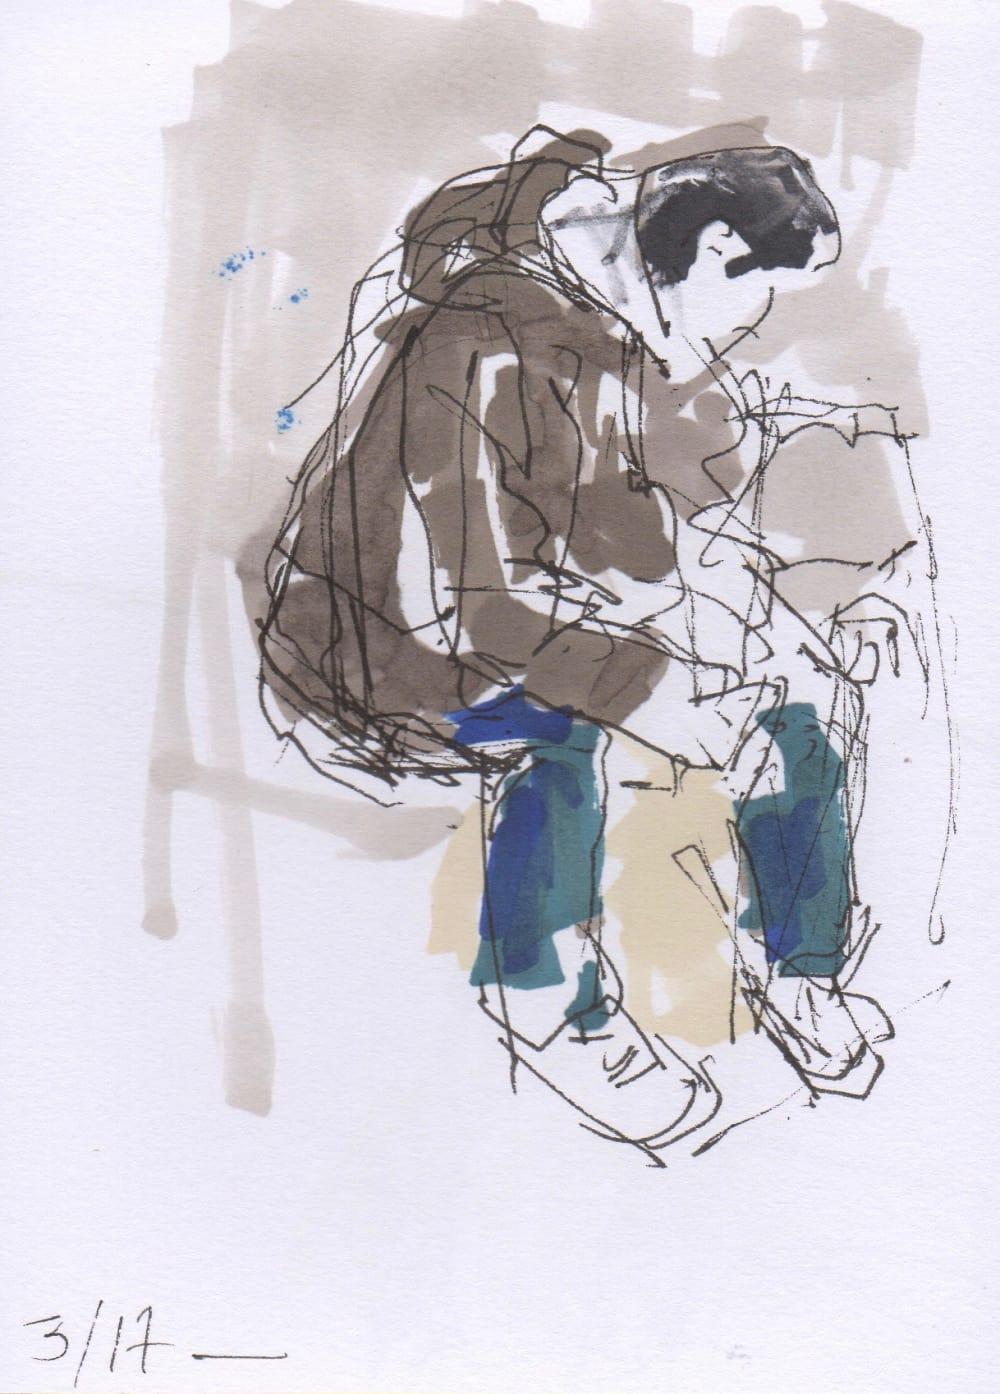 Metro station - Karin Boinet